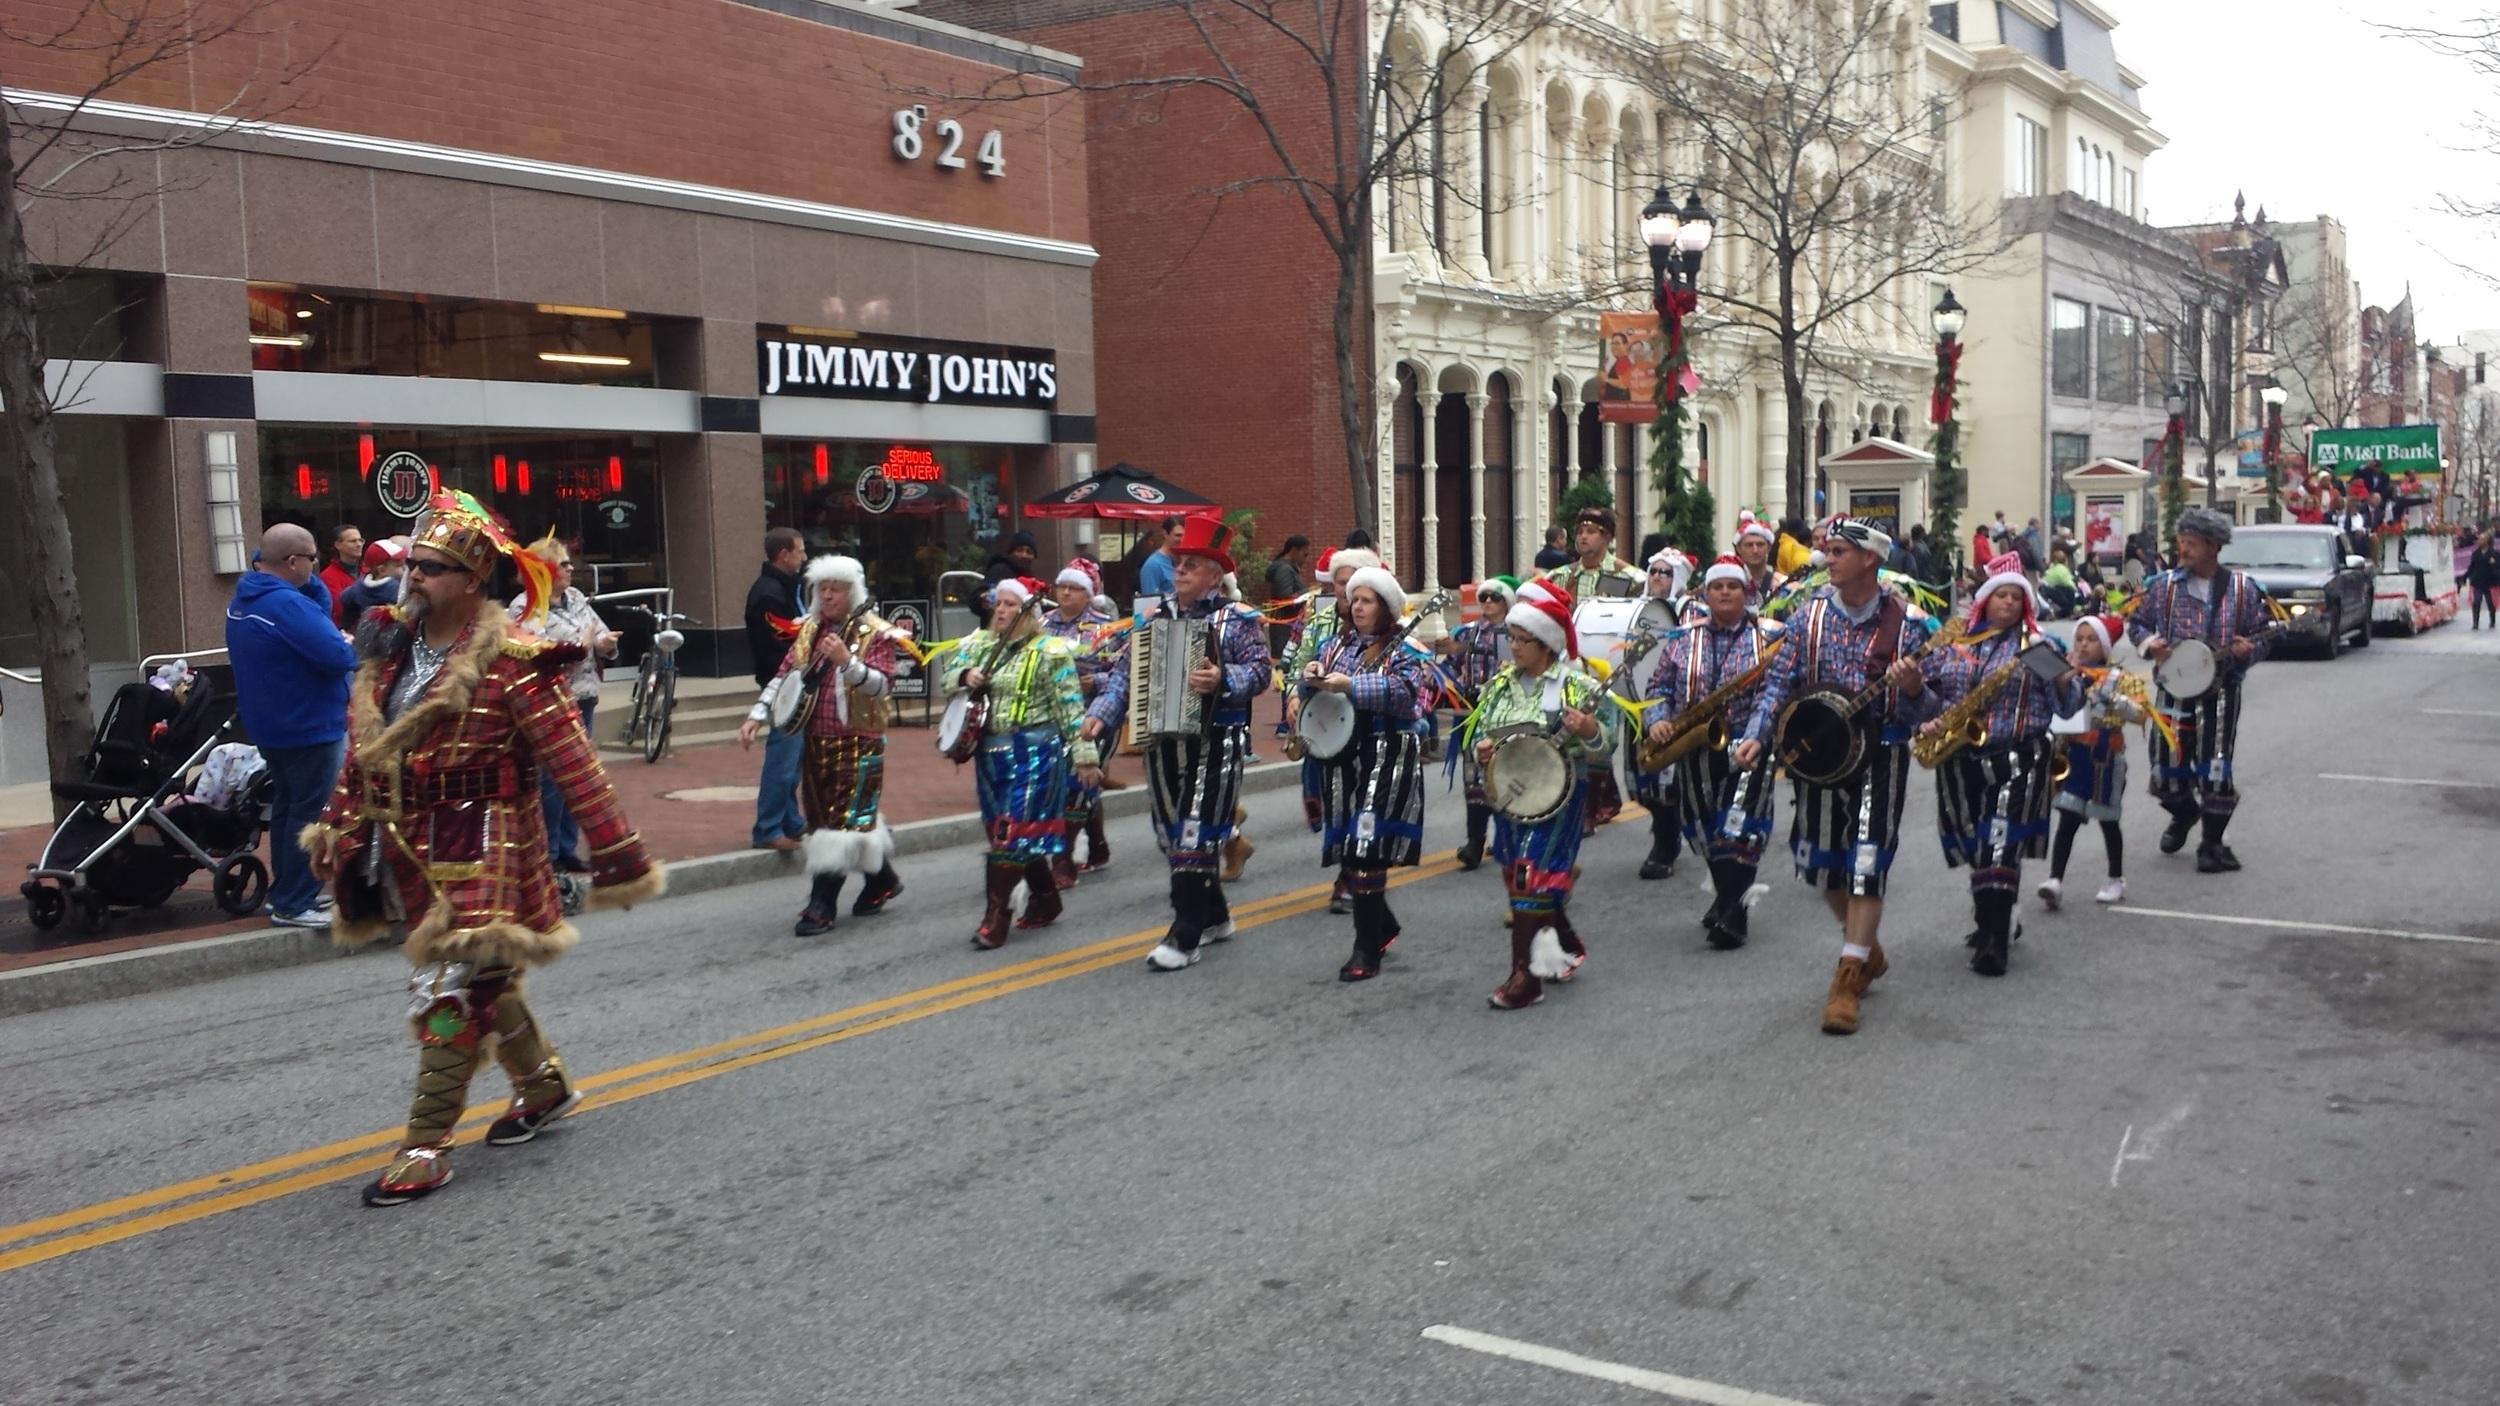 parade Nov 28, 2015 Mummers